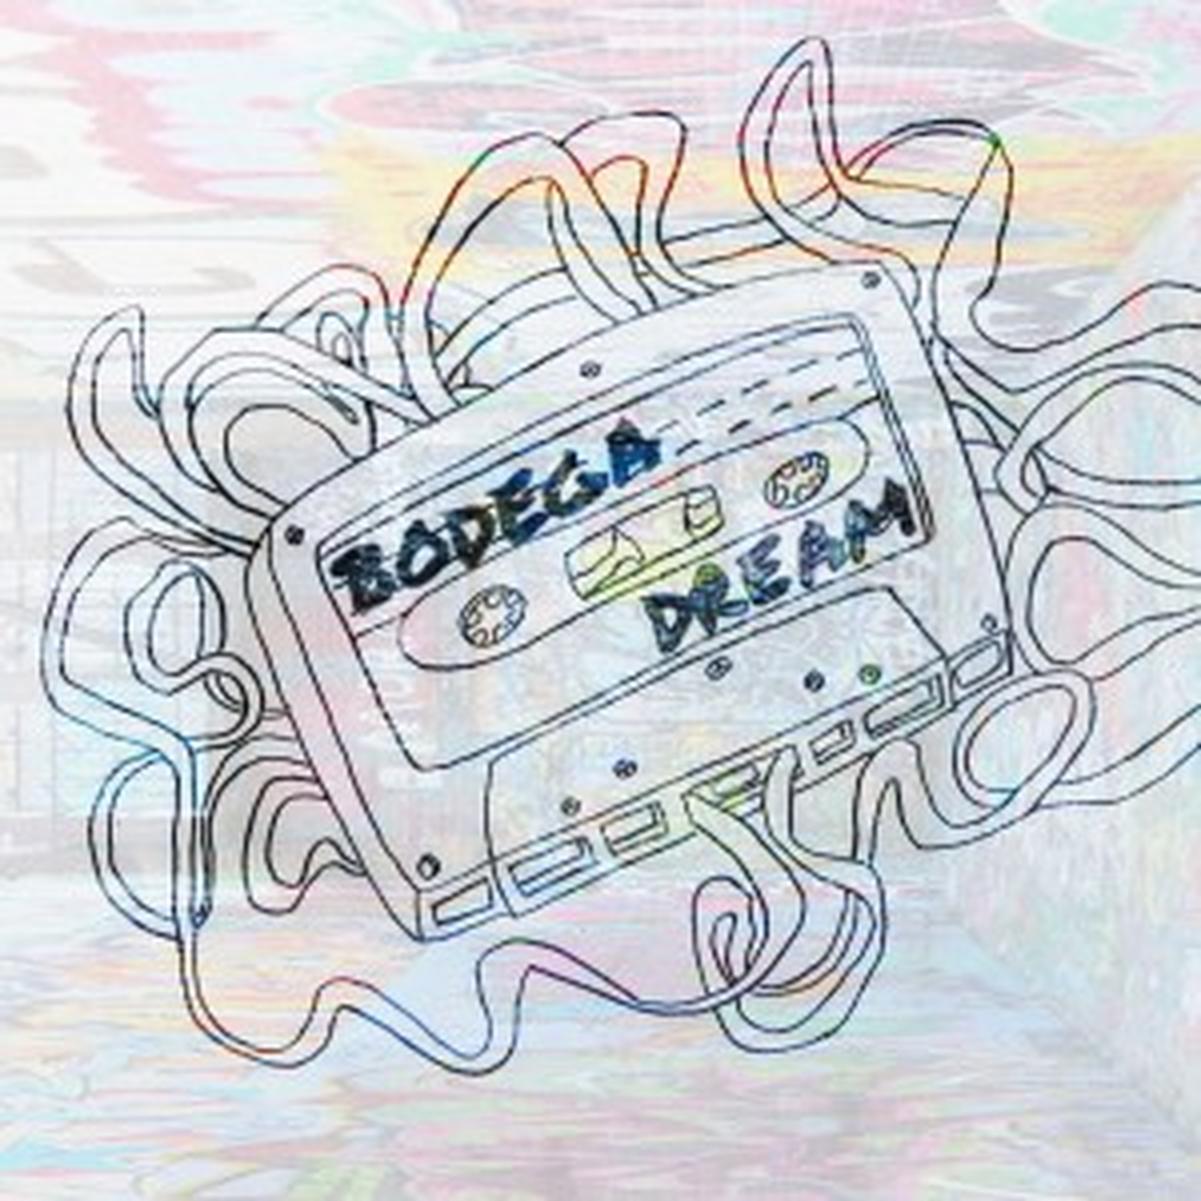 Bodega Dream